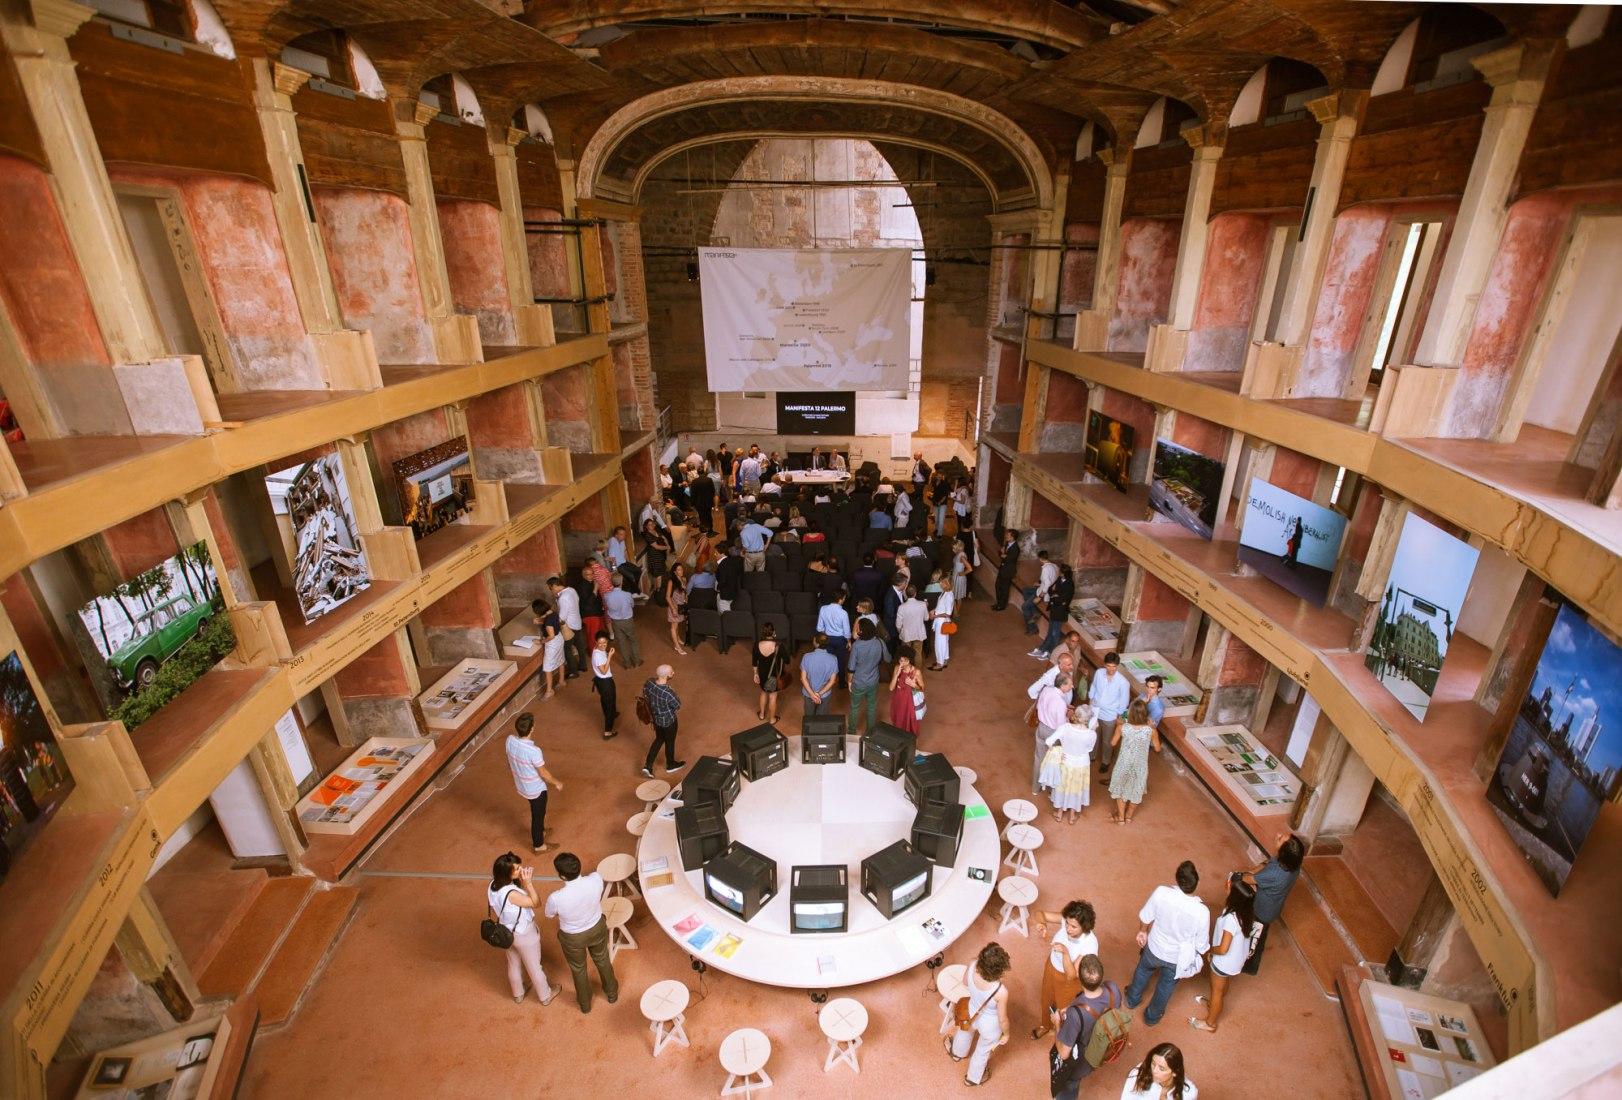 Presentación de Palermo Atlas. Teatro Garibaldi Palermo. Fotografía © CAVE Studio, cortesía de Manifesta 01